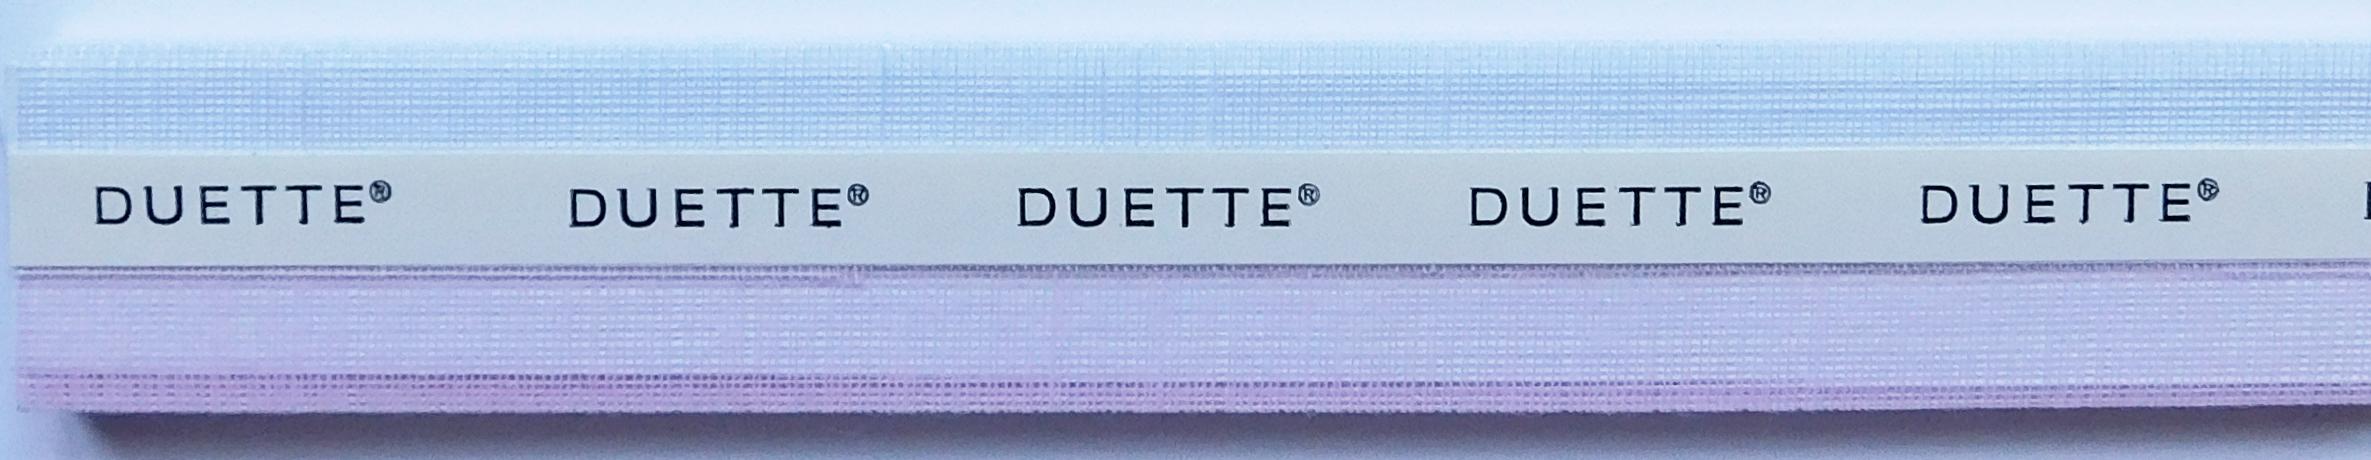 Batiste Sheer Blackberry Ice Duette Blind Sample fabric